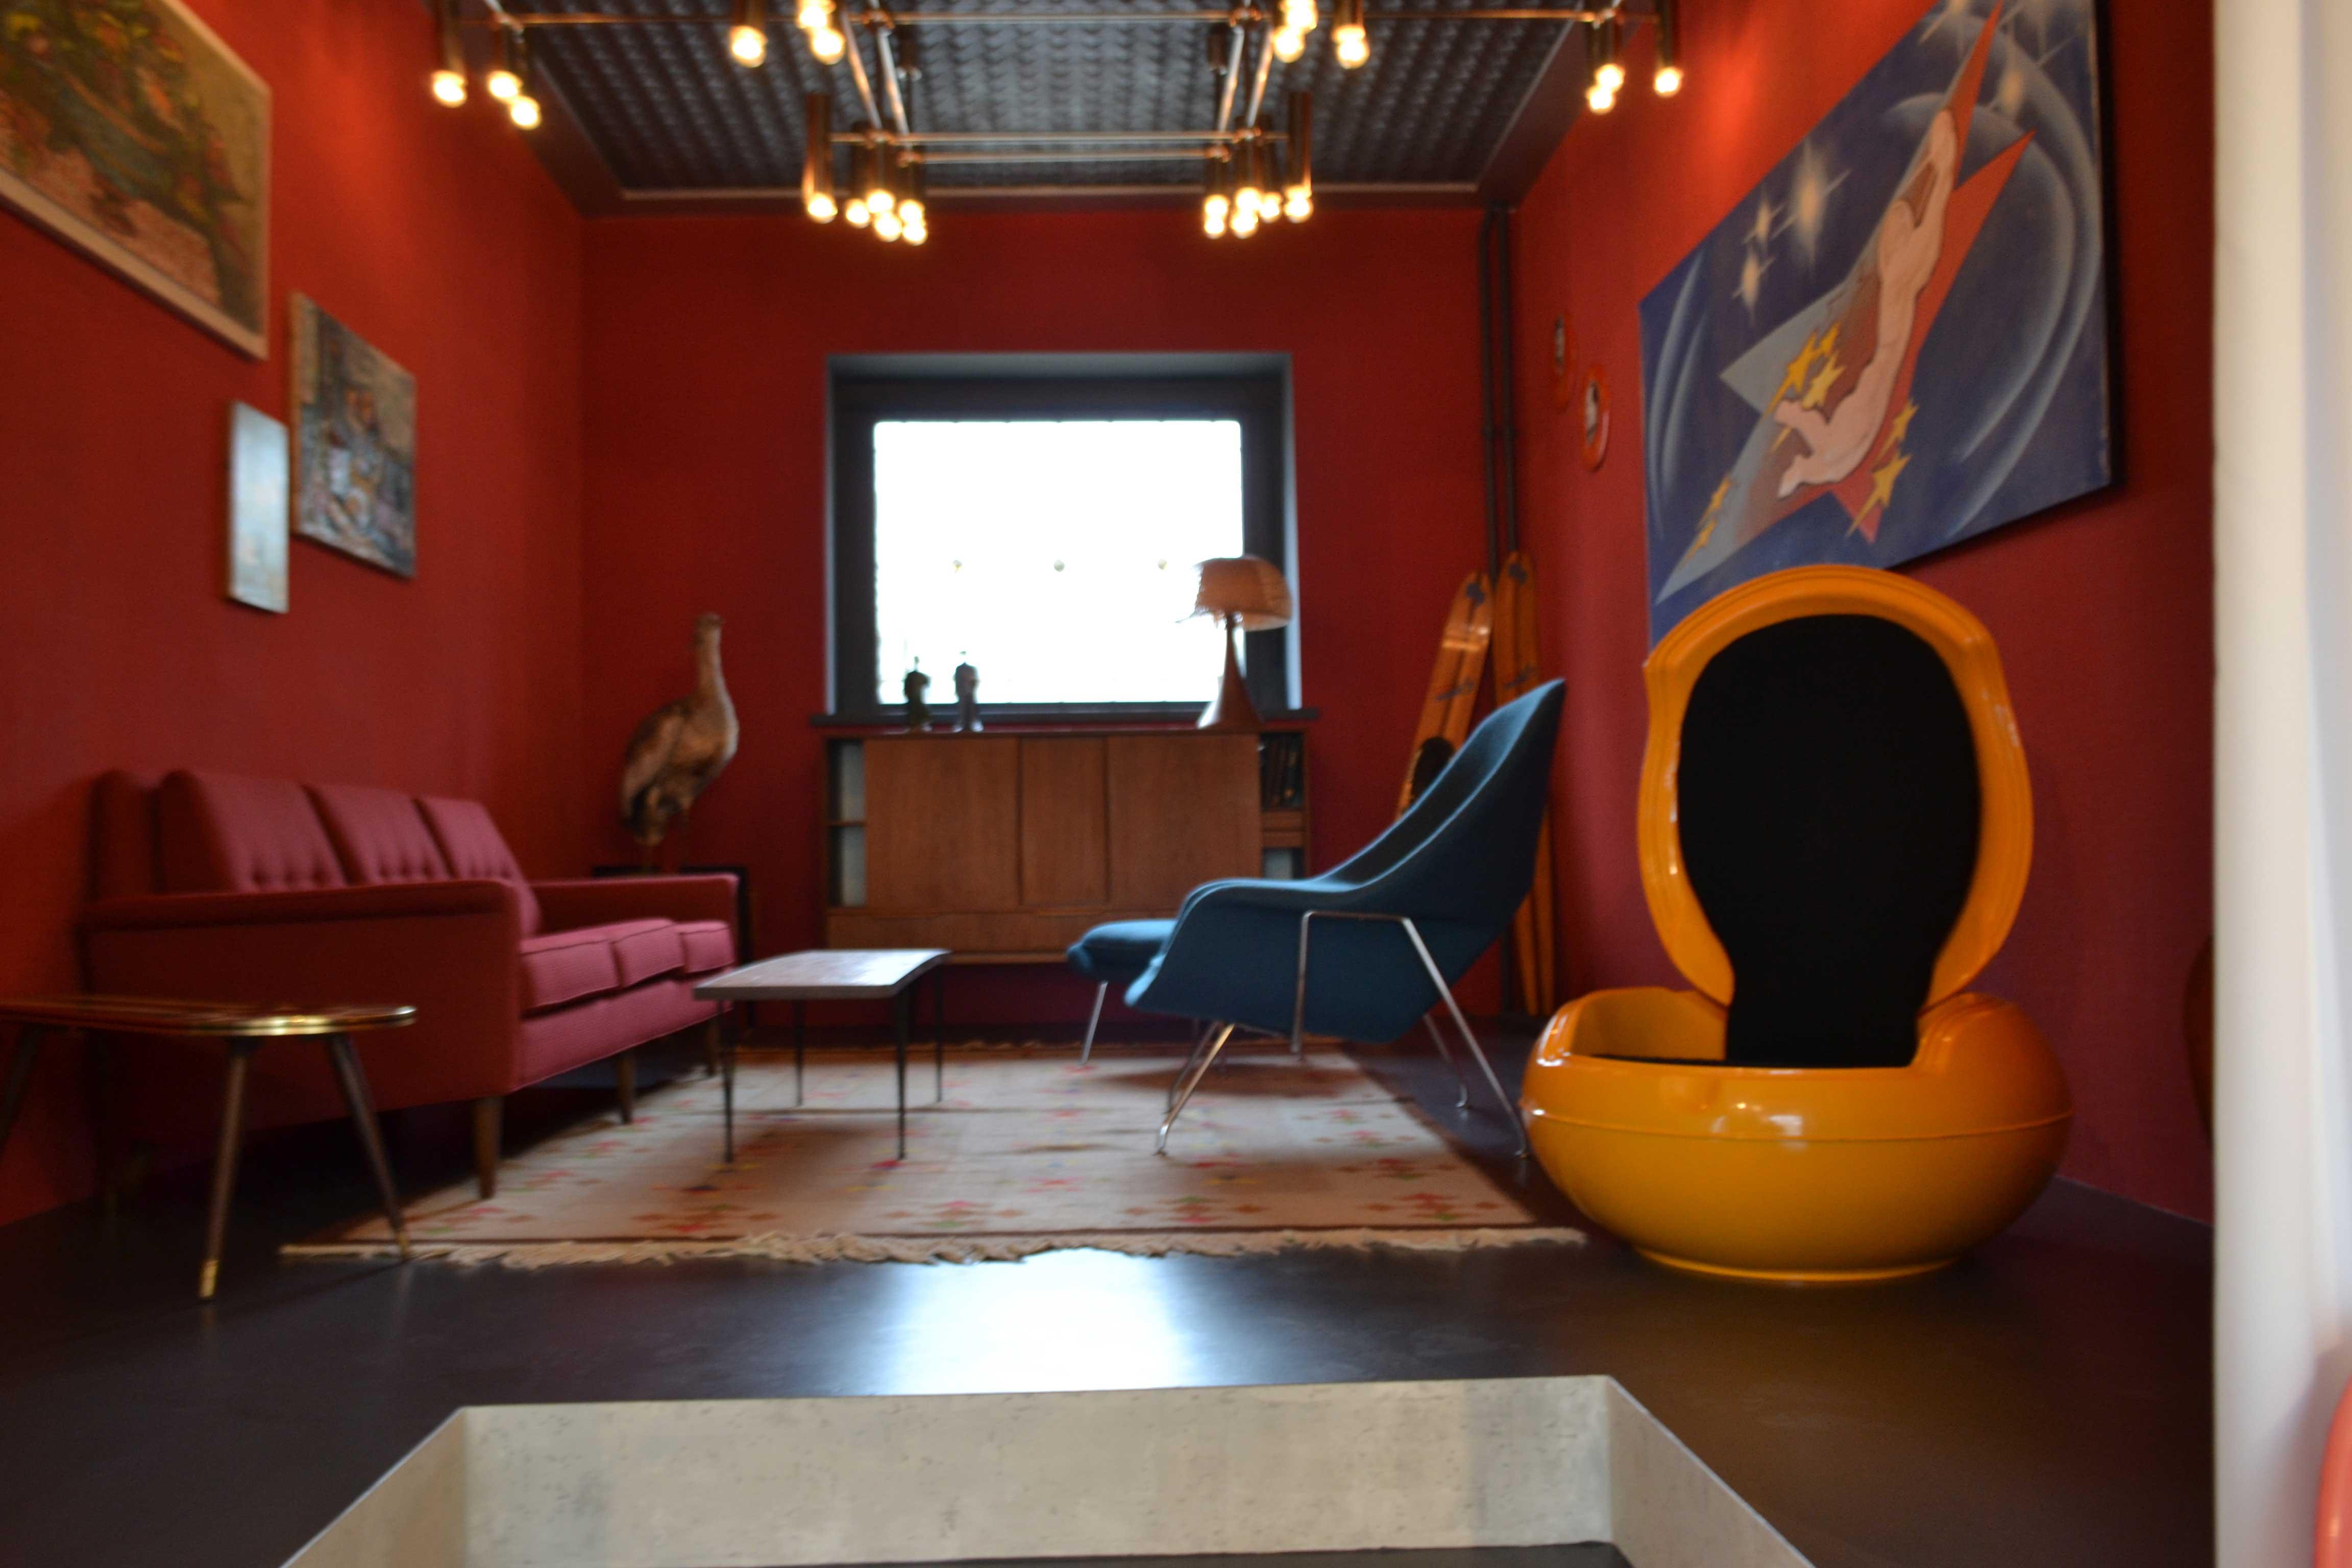 Besuchen Sie Die Galerie Von Mittwoch Bis Freitag Zwischen 12 Und 18 Uhr!